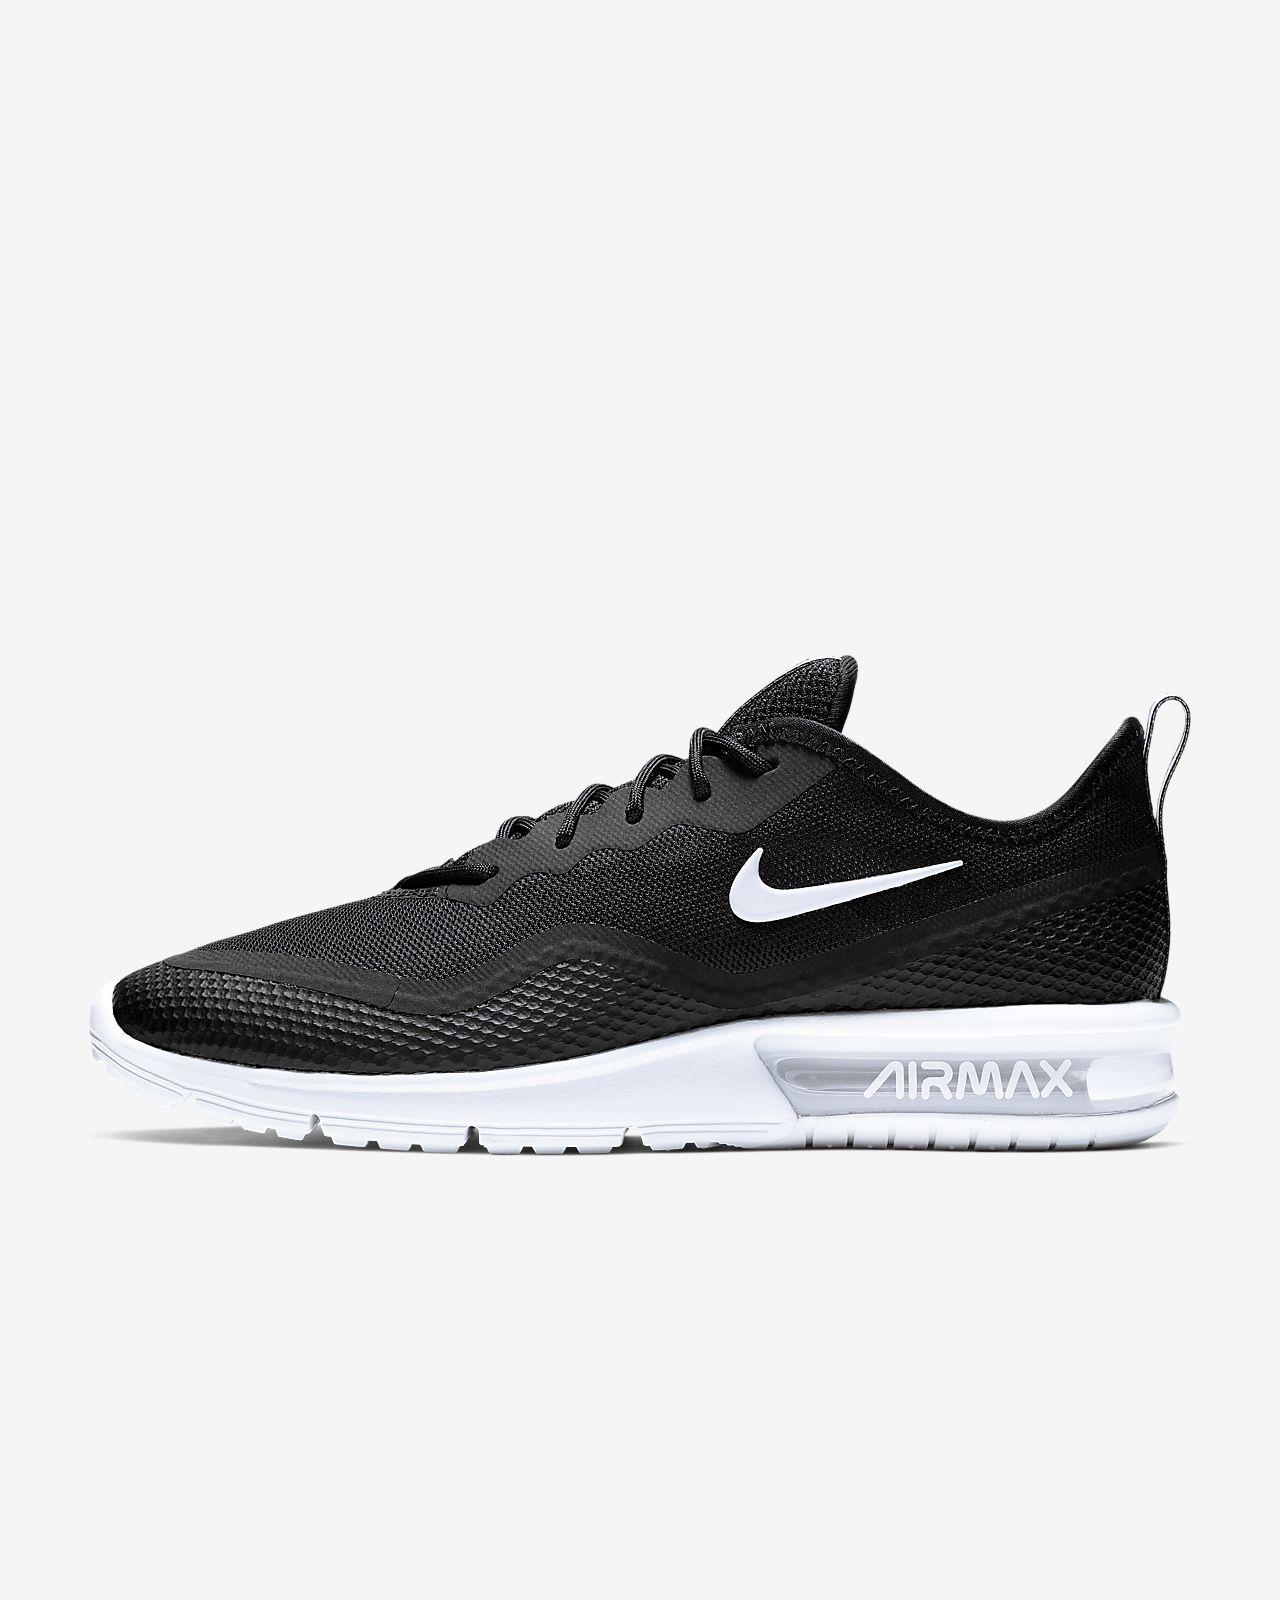 online retailer 465b6 5cb76 ... Löparsko Nike Air Max Sequent 4.5 för män